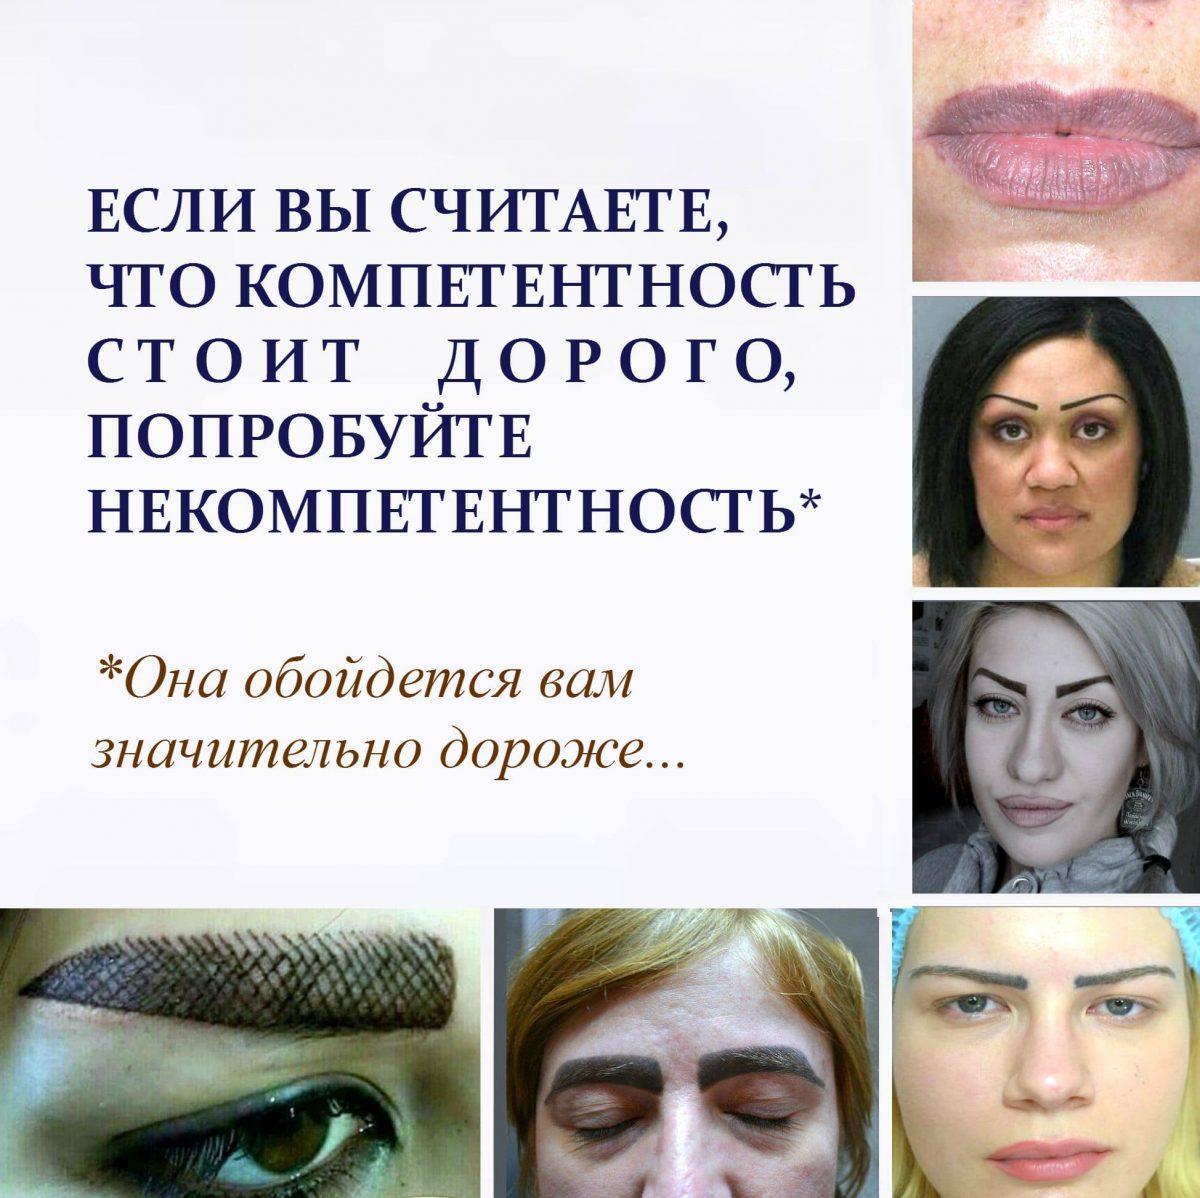 перманентный макияж картинки приколы полгода восстановила здоровье